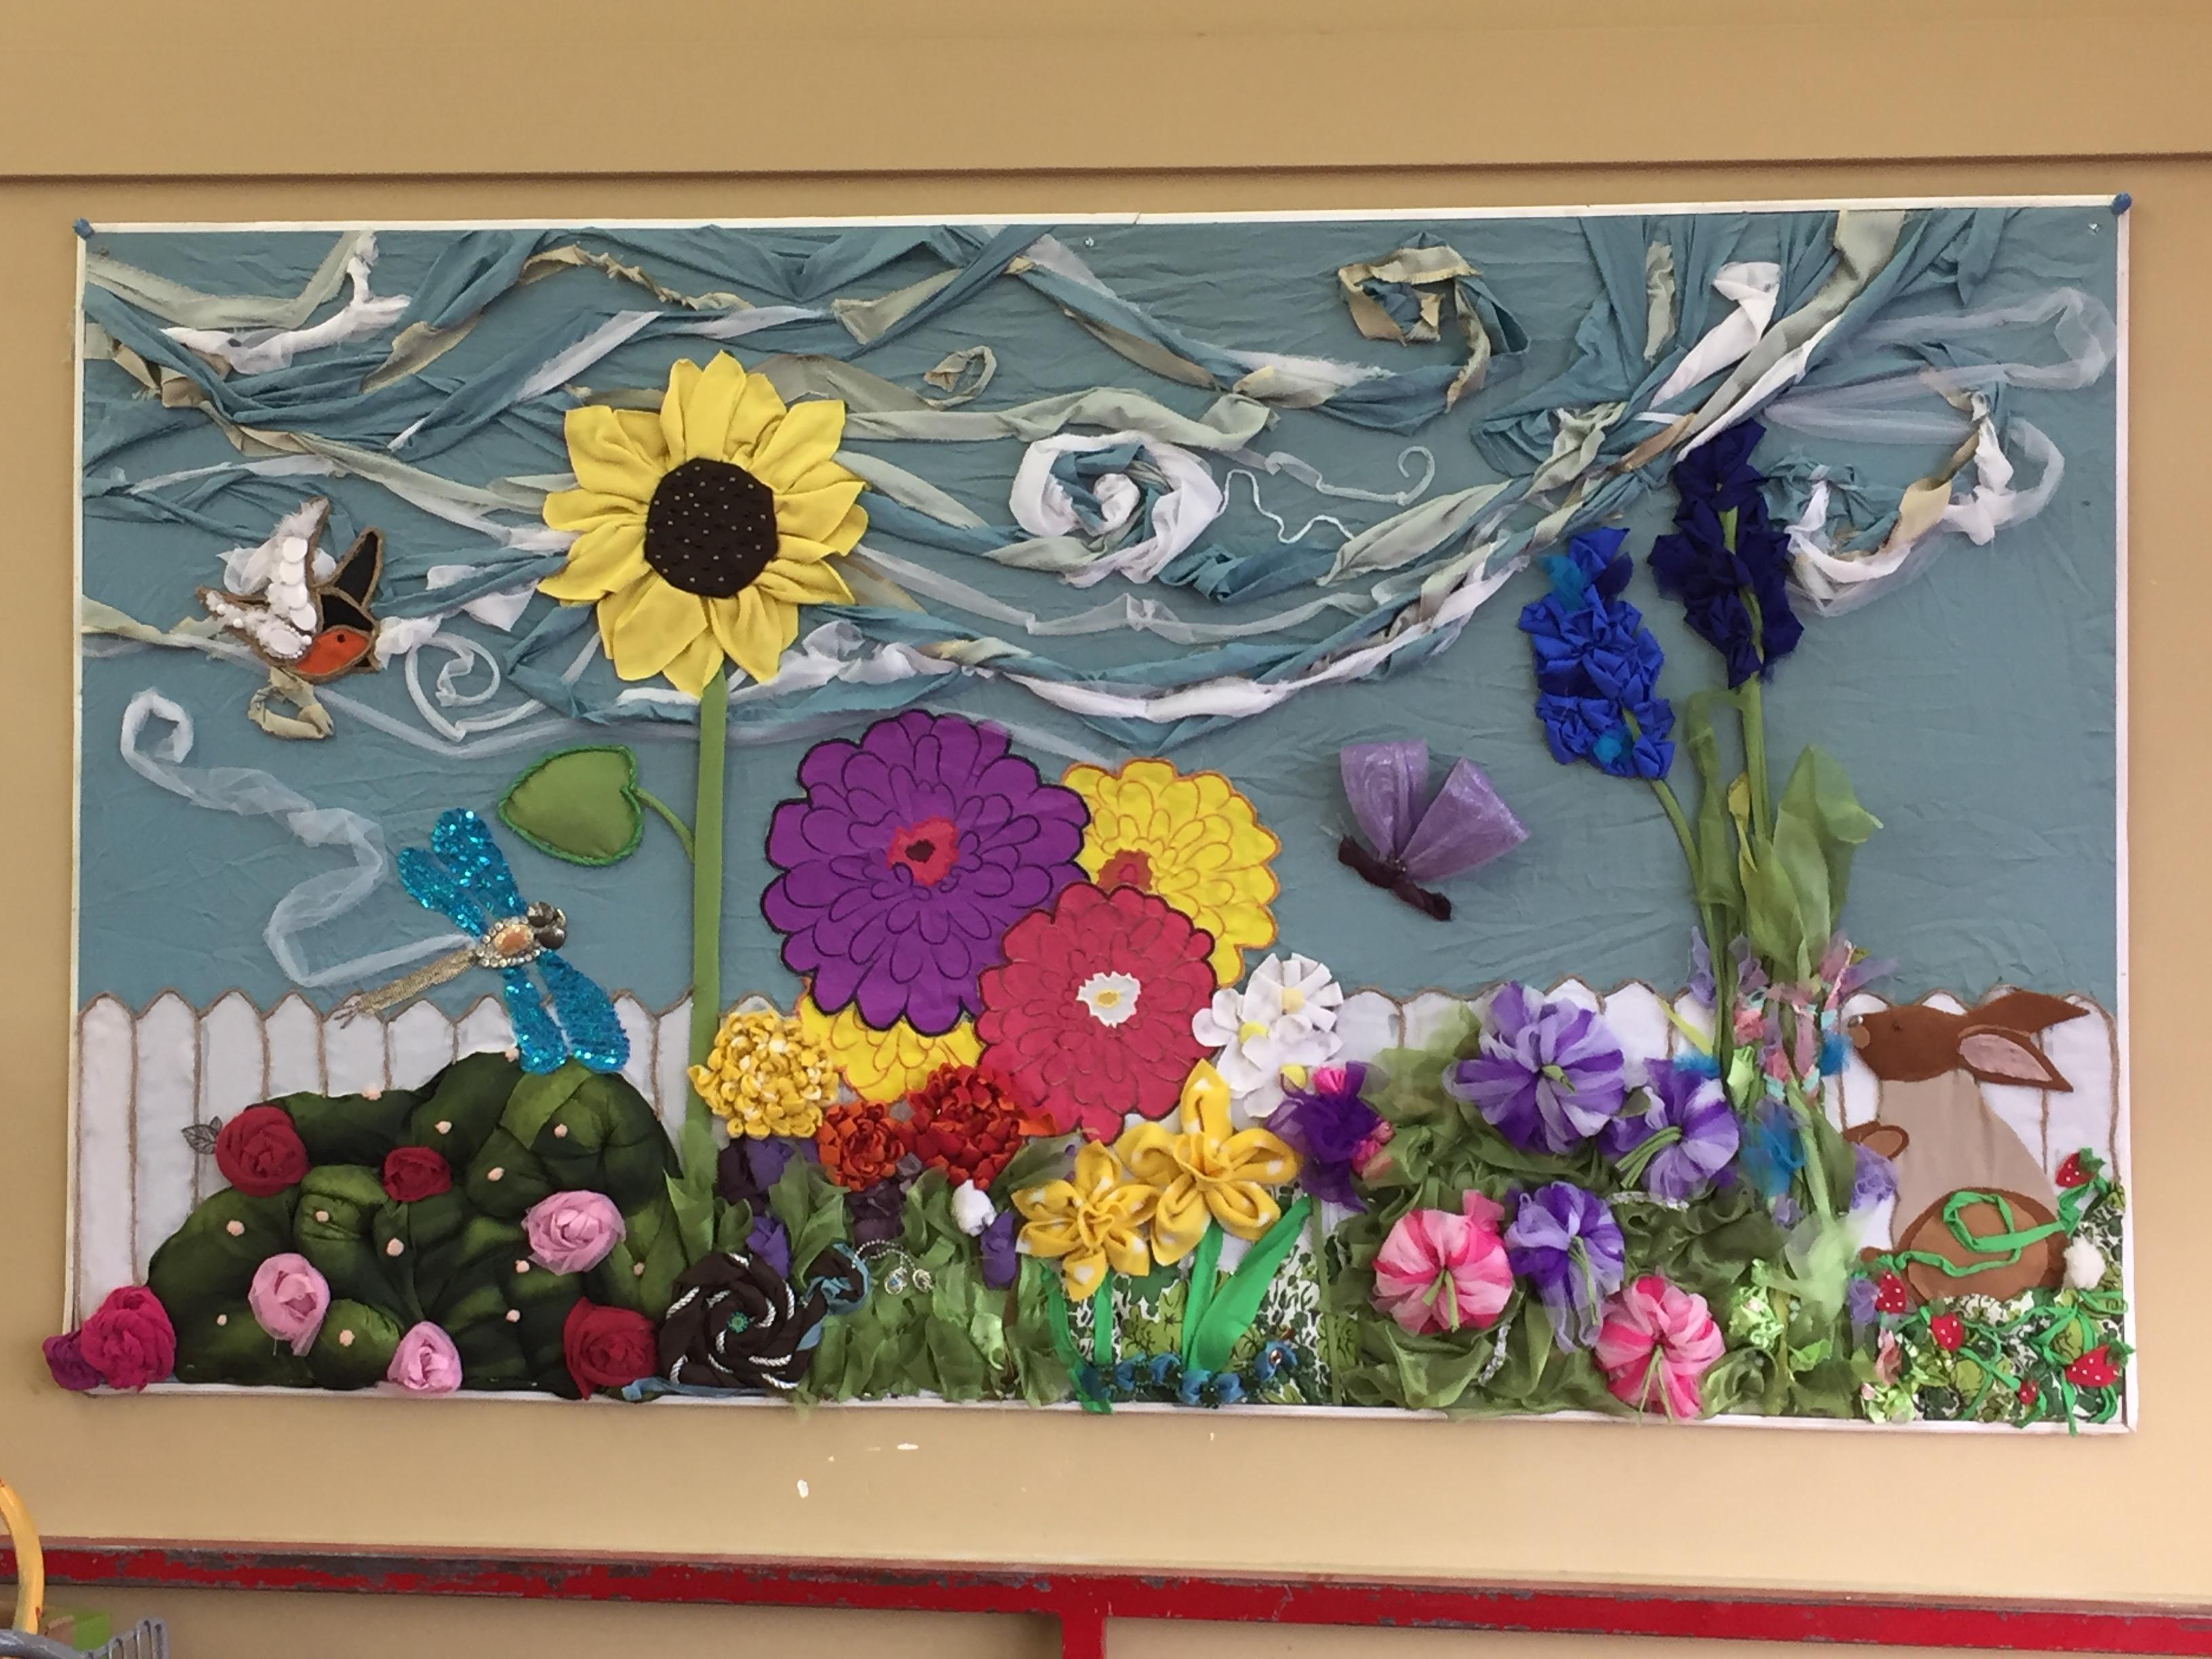 Garment Garden Mural